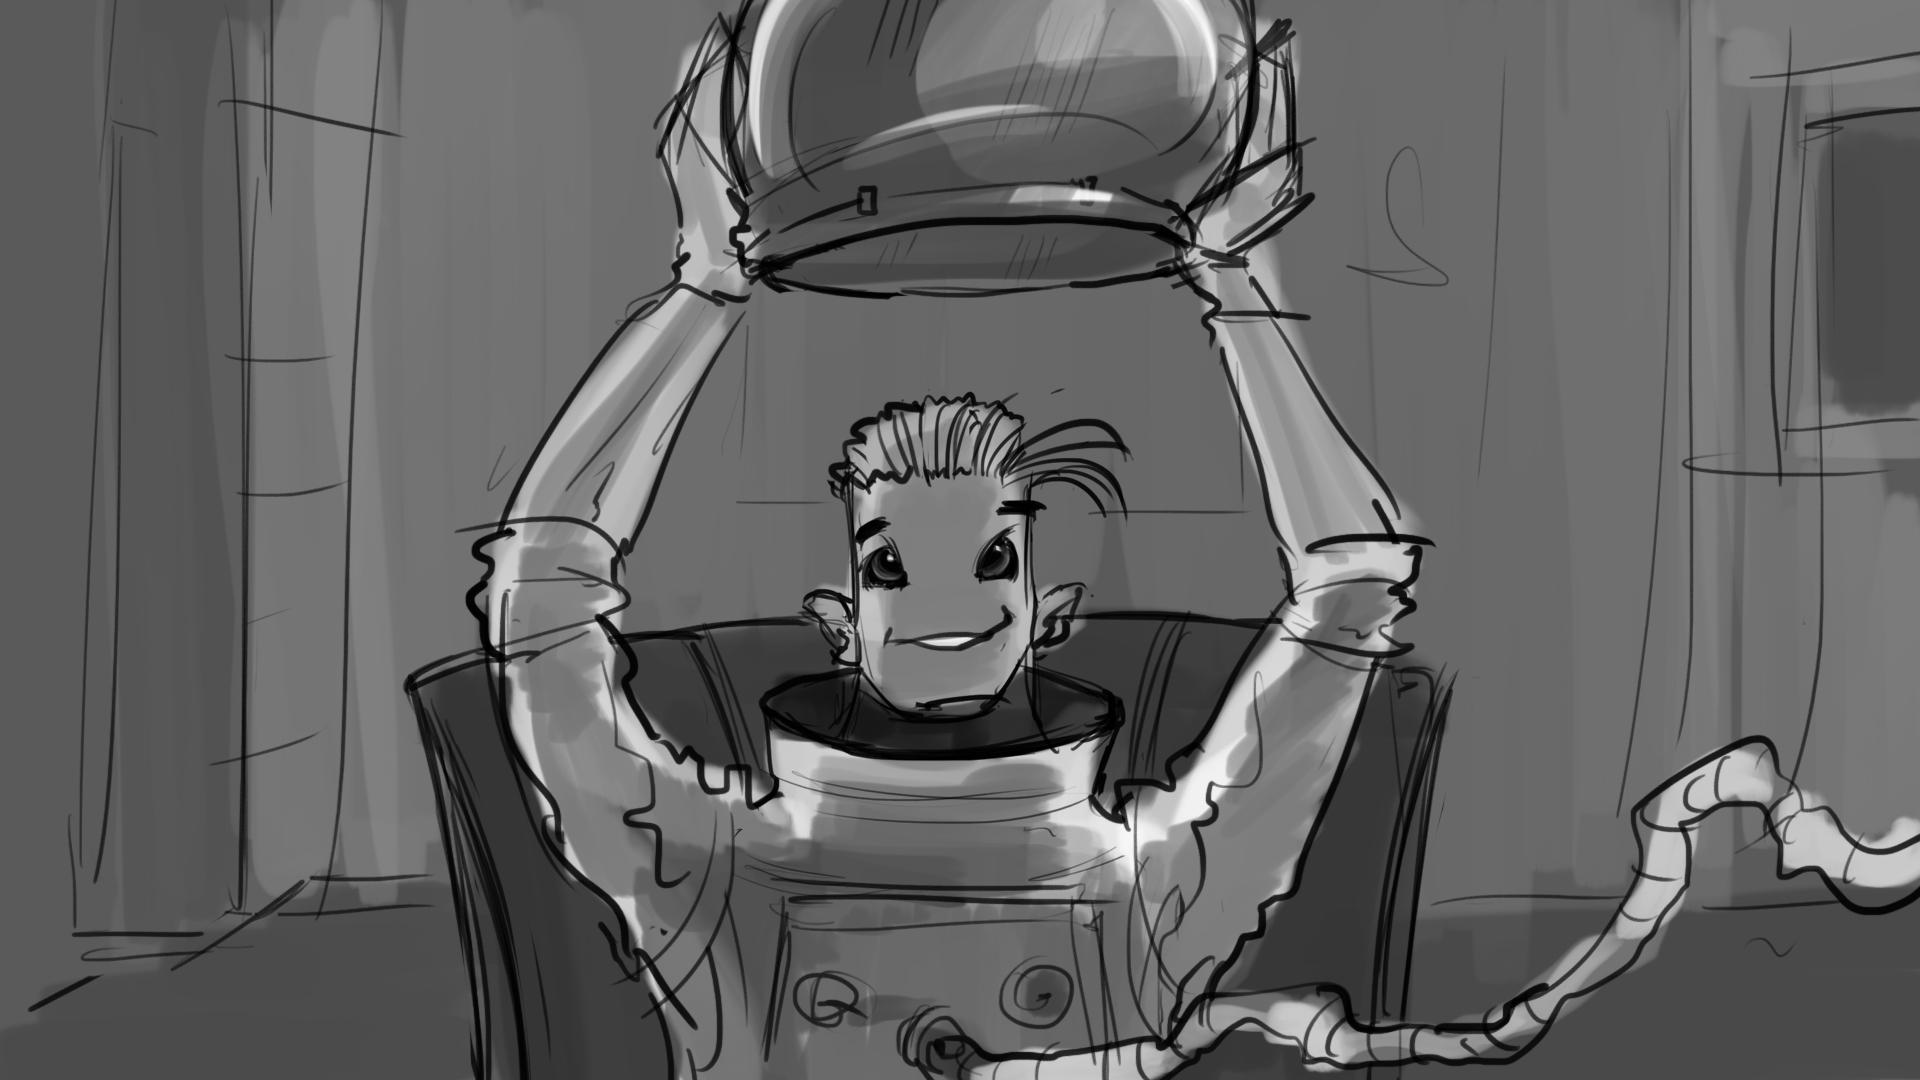 Rocket_Man_Storyboard_Artboard 37.jpg